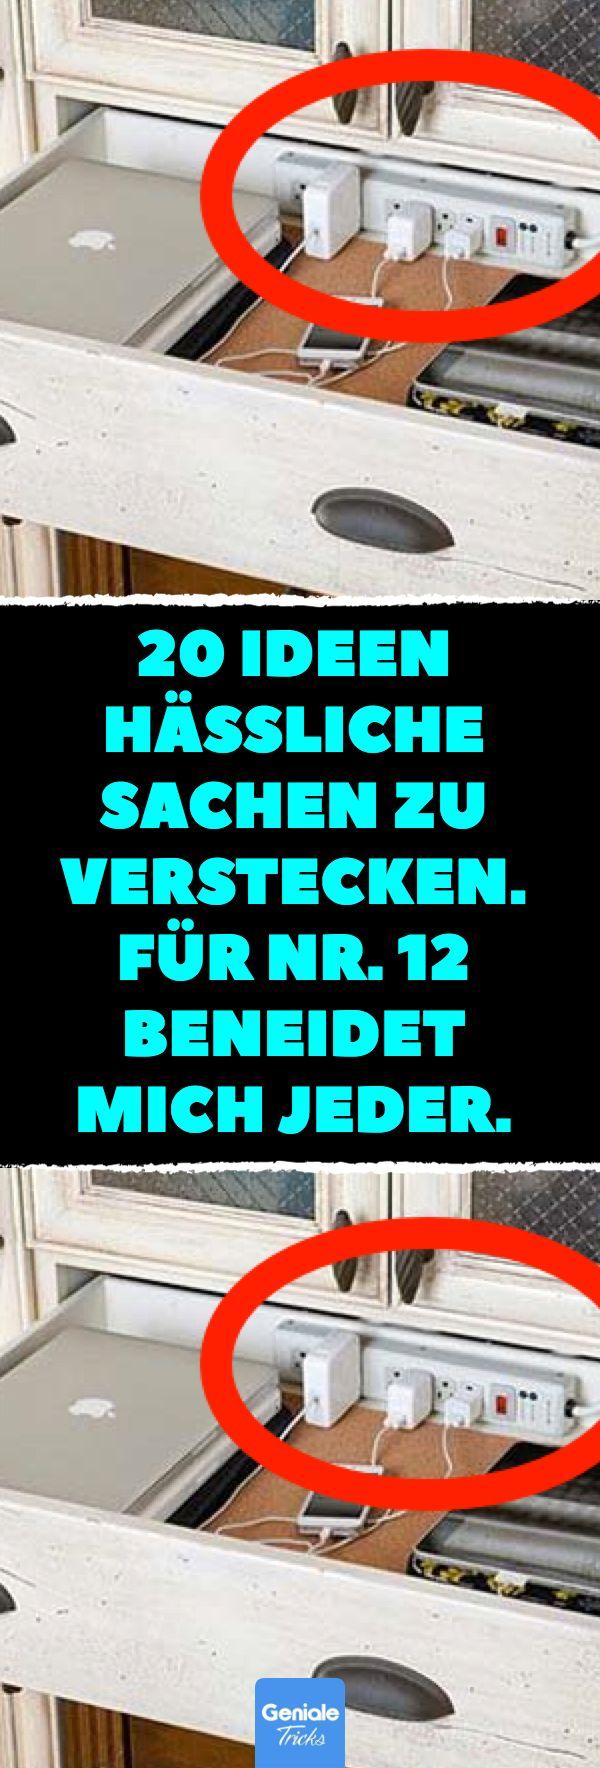 20 Ideen hässliche Sachen zu verstecken. Für Nr….